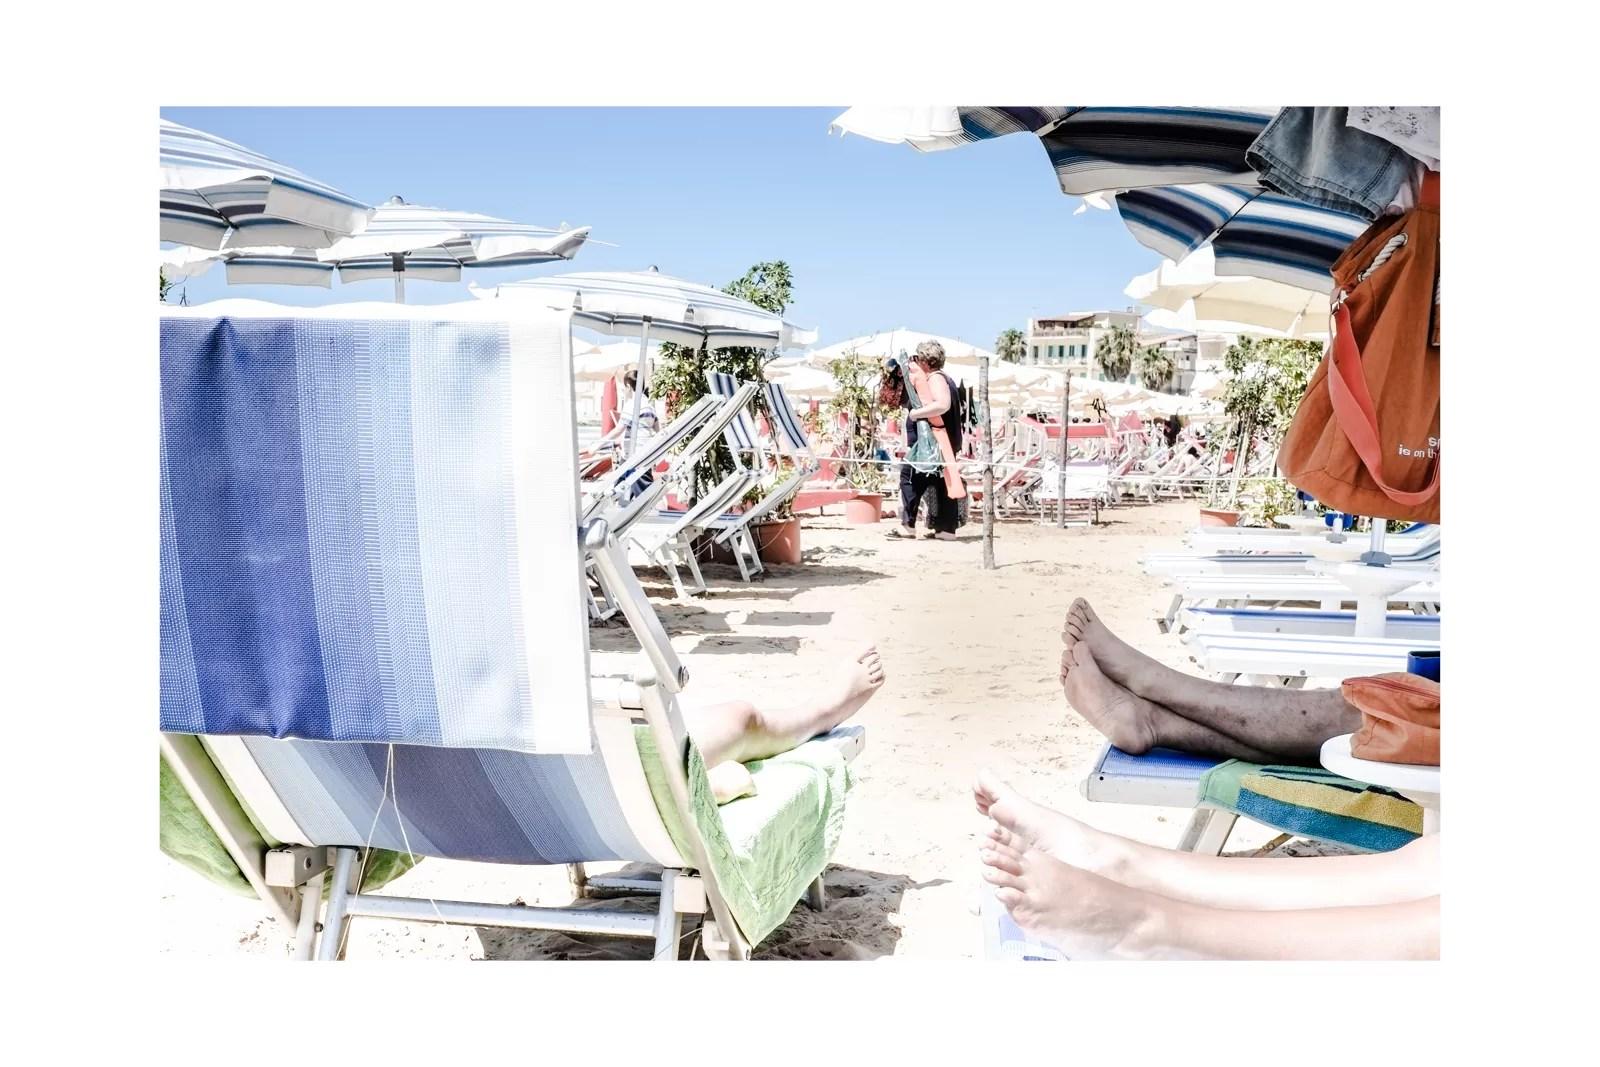 DSCF1114 - Immobili sotto il caldo sole di sicilia - fotostreet.it